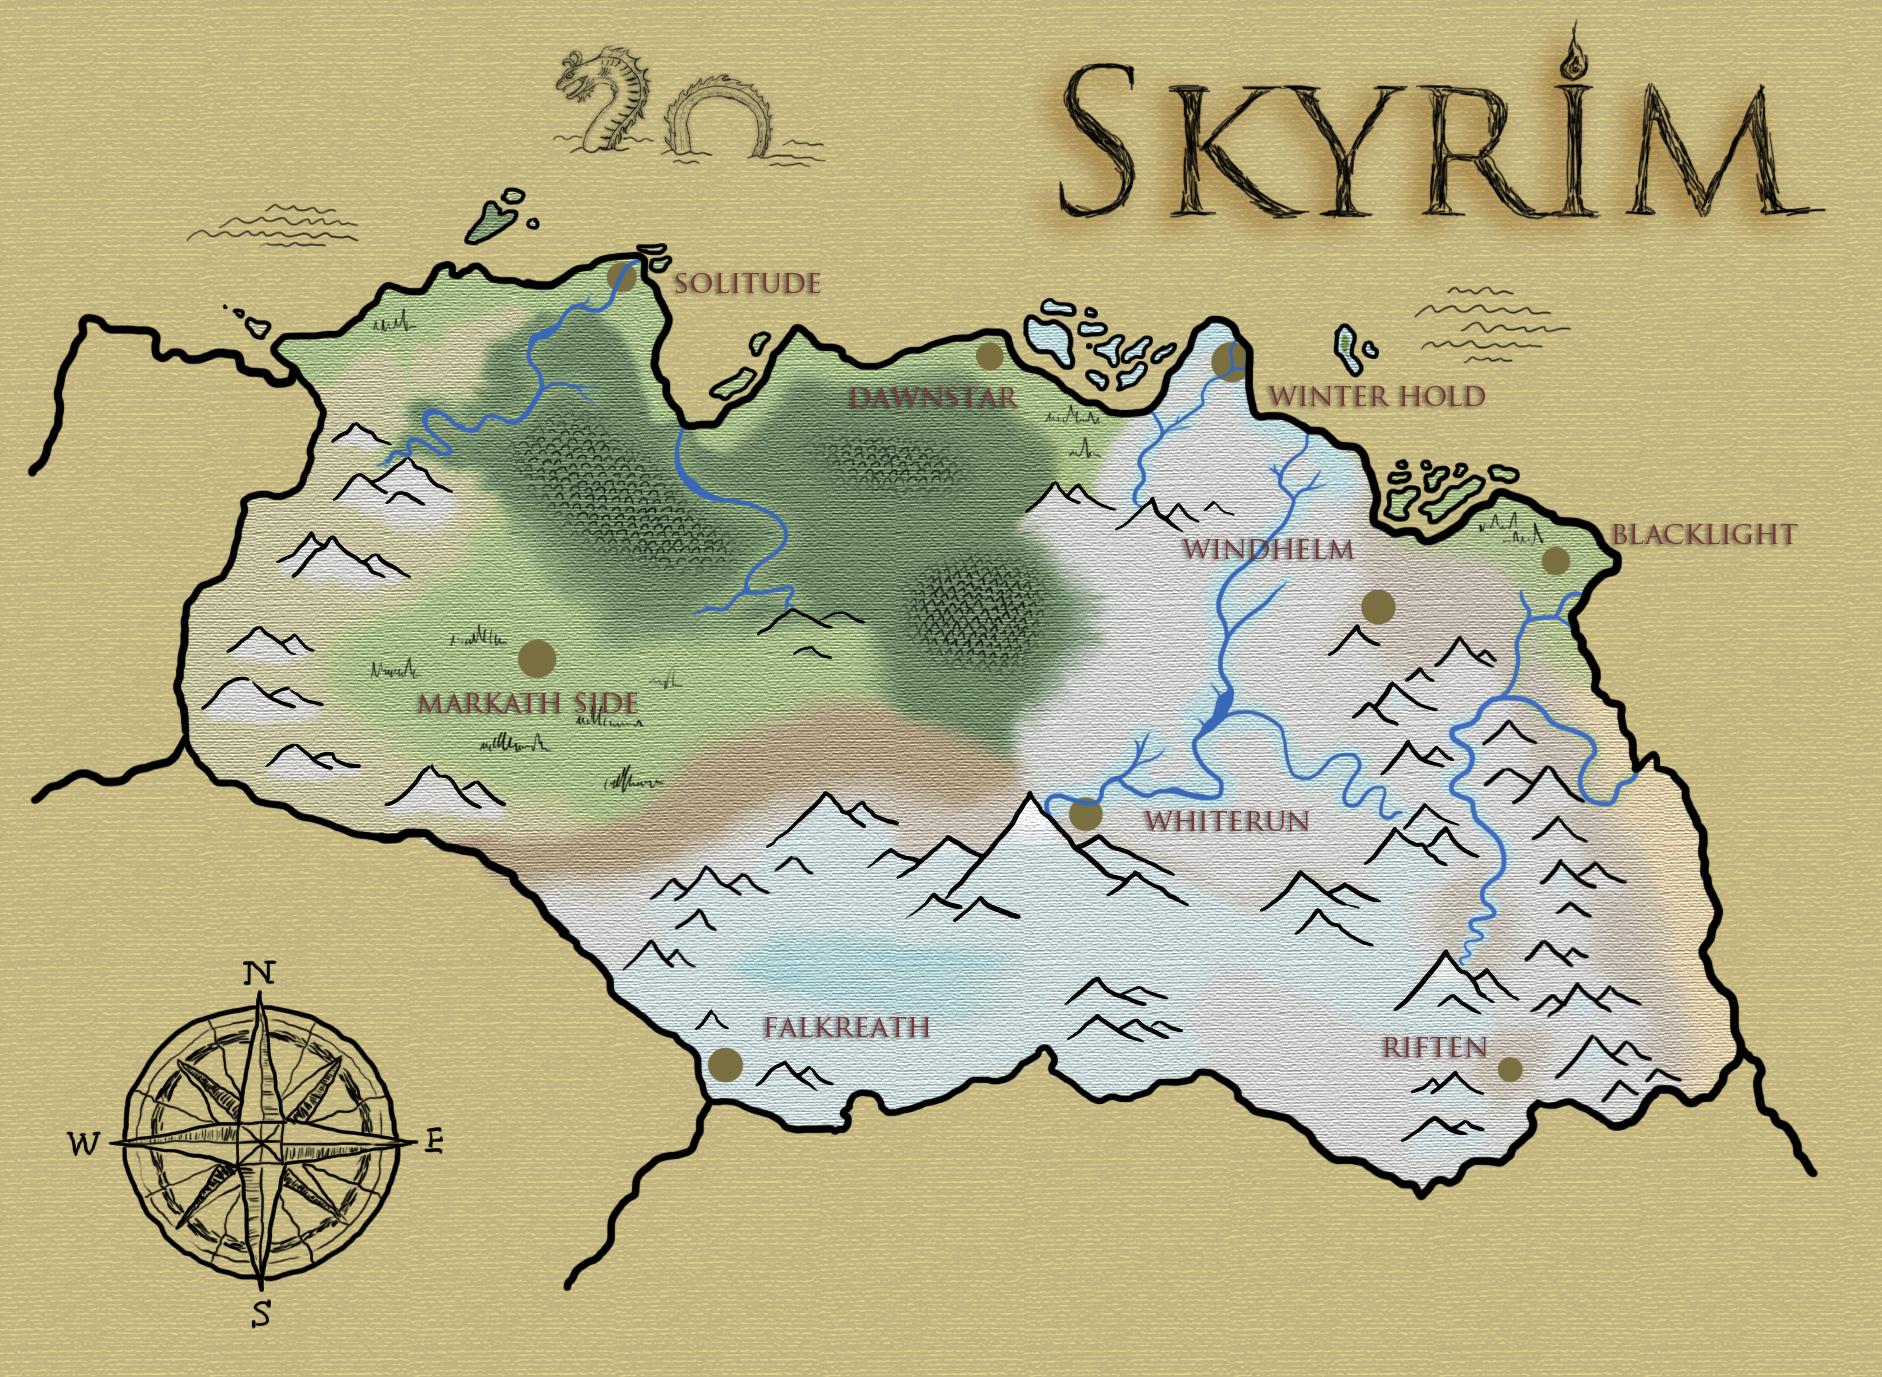 Skyrim fan map 23 by lavanoth on deviantart skyrim fan map 23 by lavanoth sciox Gallery